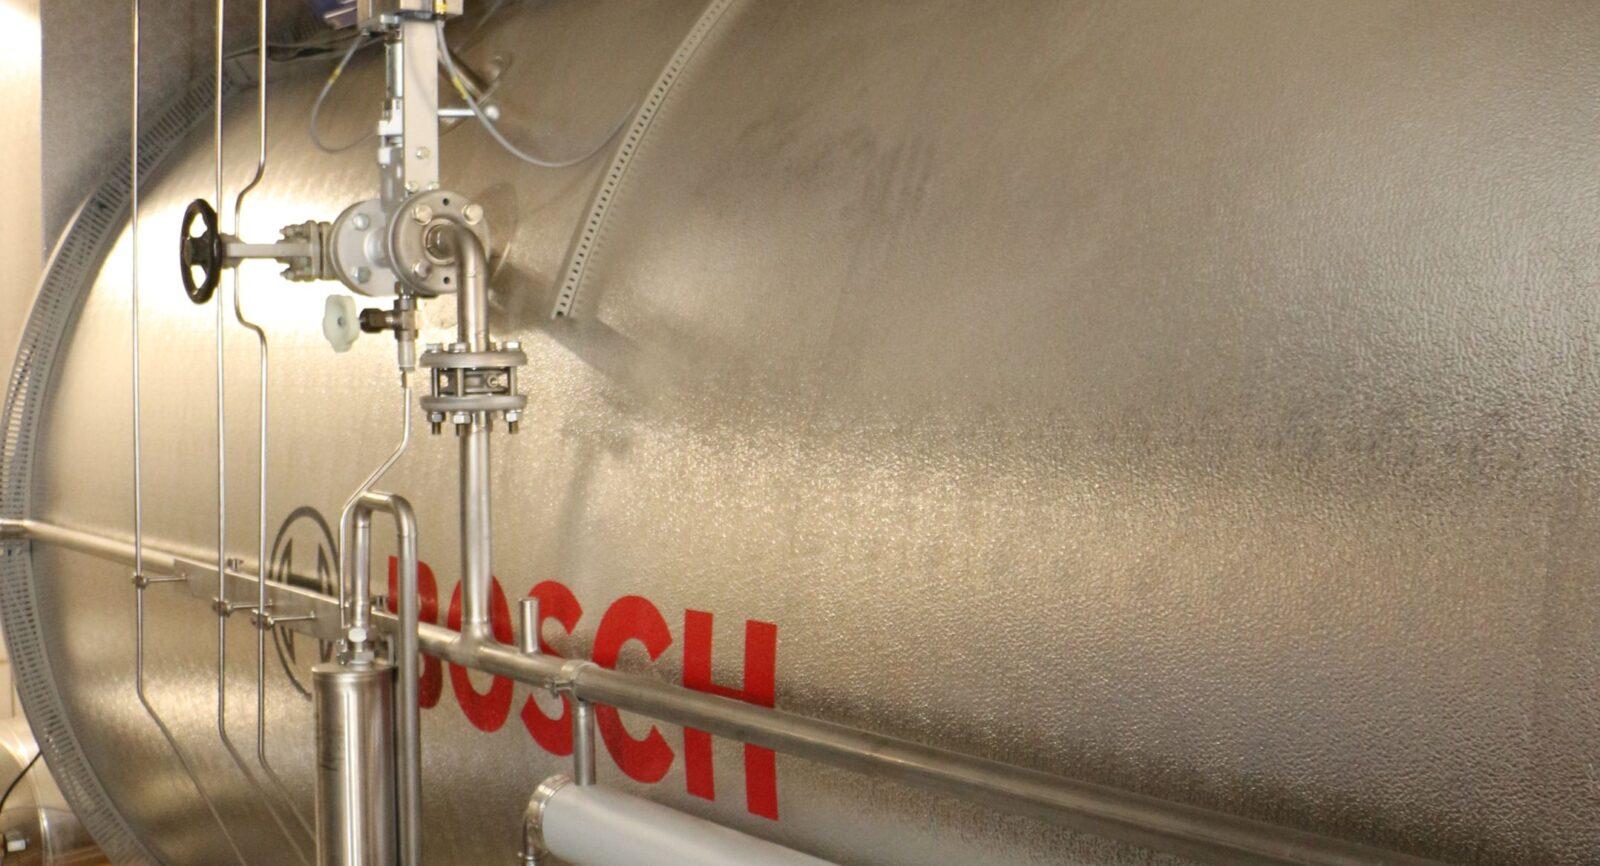 Ein Abgaswärmetauscher ist im Dampferzeuger integriert und holt zusätzlich Wärme aus den heissen Abgasen (aus BHKW und Ölkessel). Der 130 bis 150 °C heisse Wasserdampf unterstützt die wichtigsten Prozesse der Käserei (CIP-Reinigung, Pasteurisation usw.).